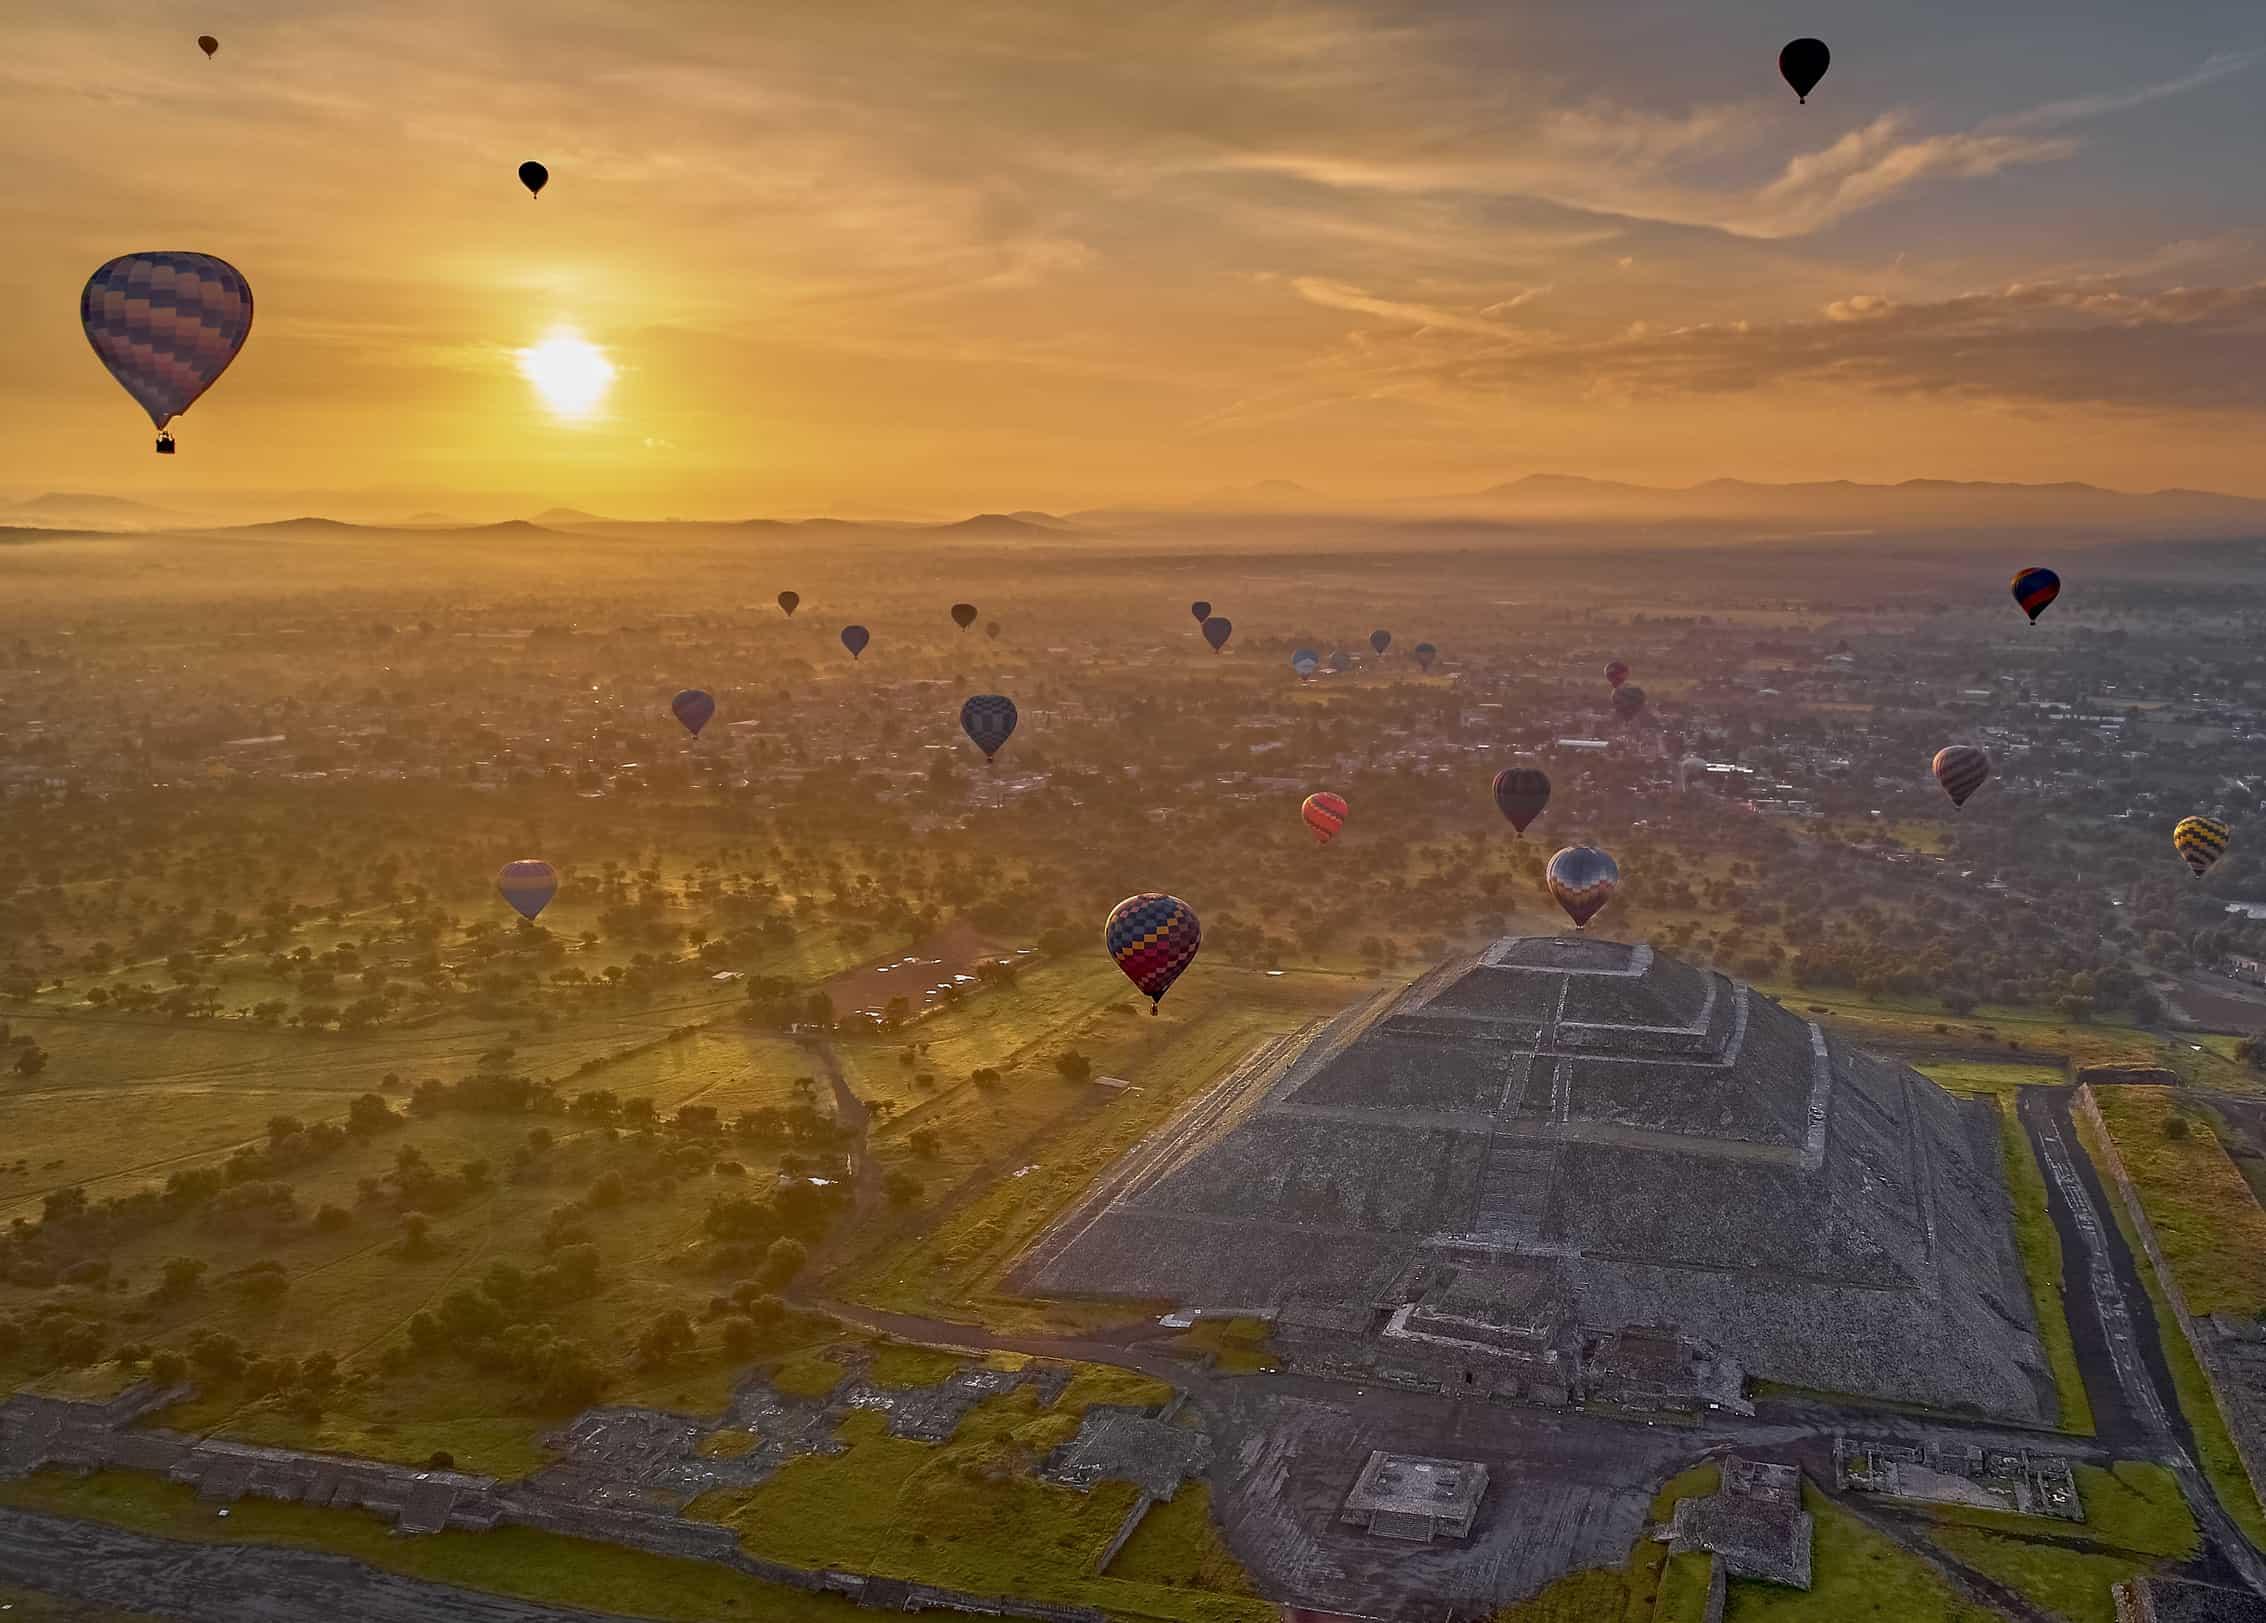 Vuelo en globo Tradicional sobre Teotihuacán